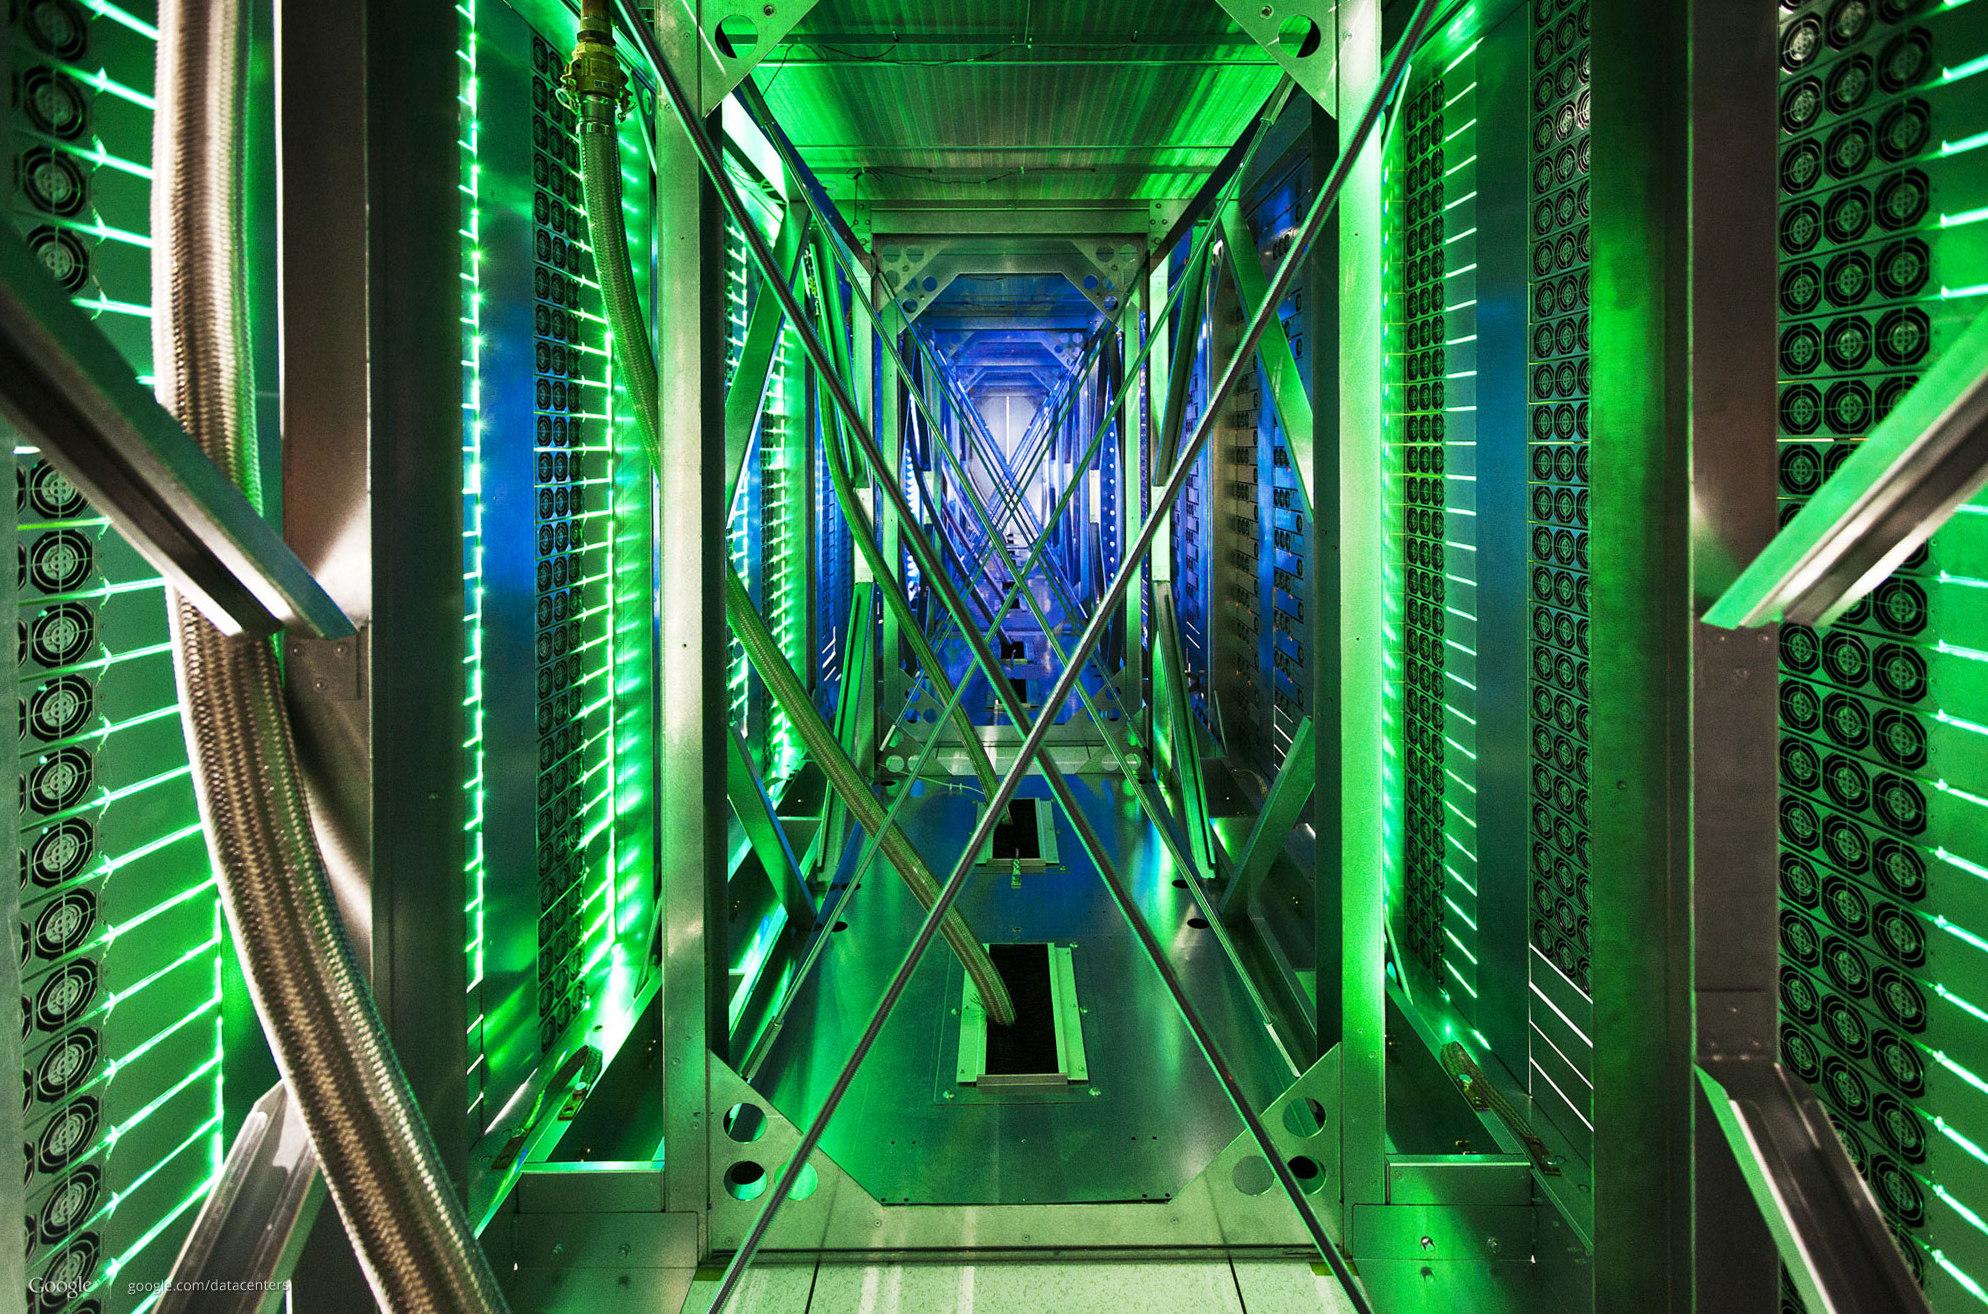 google-data-center-01_051114b2